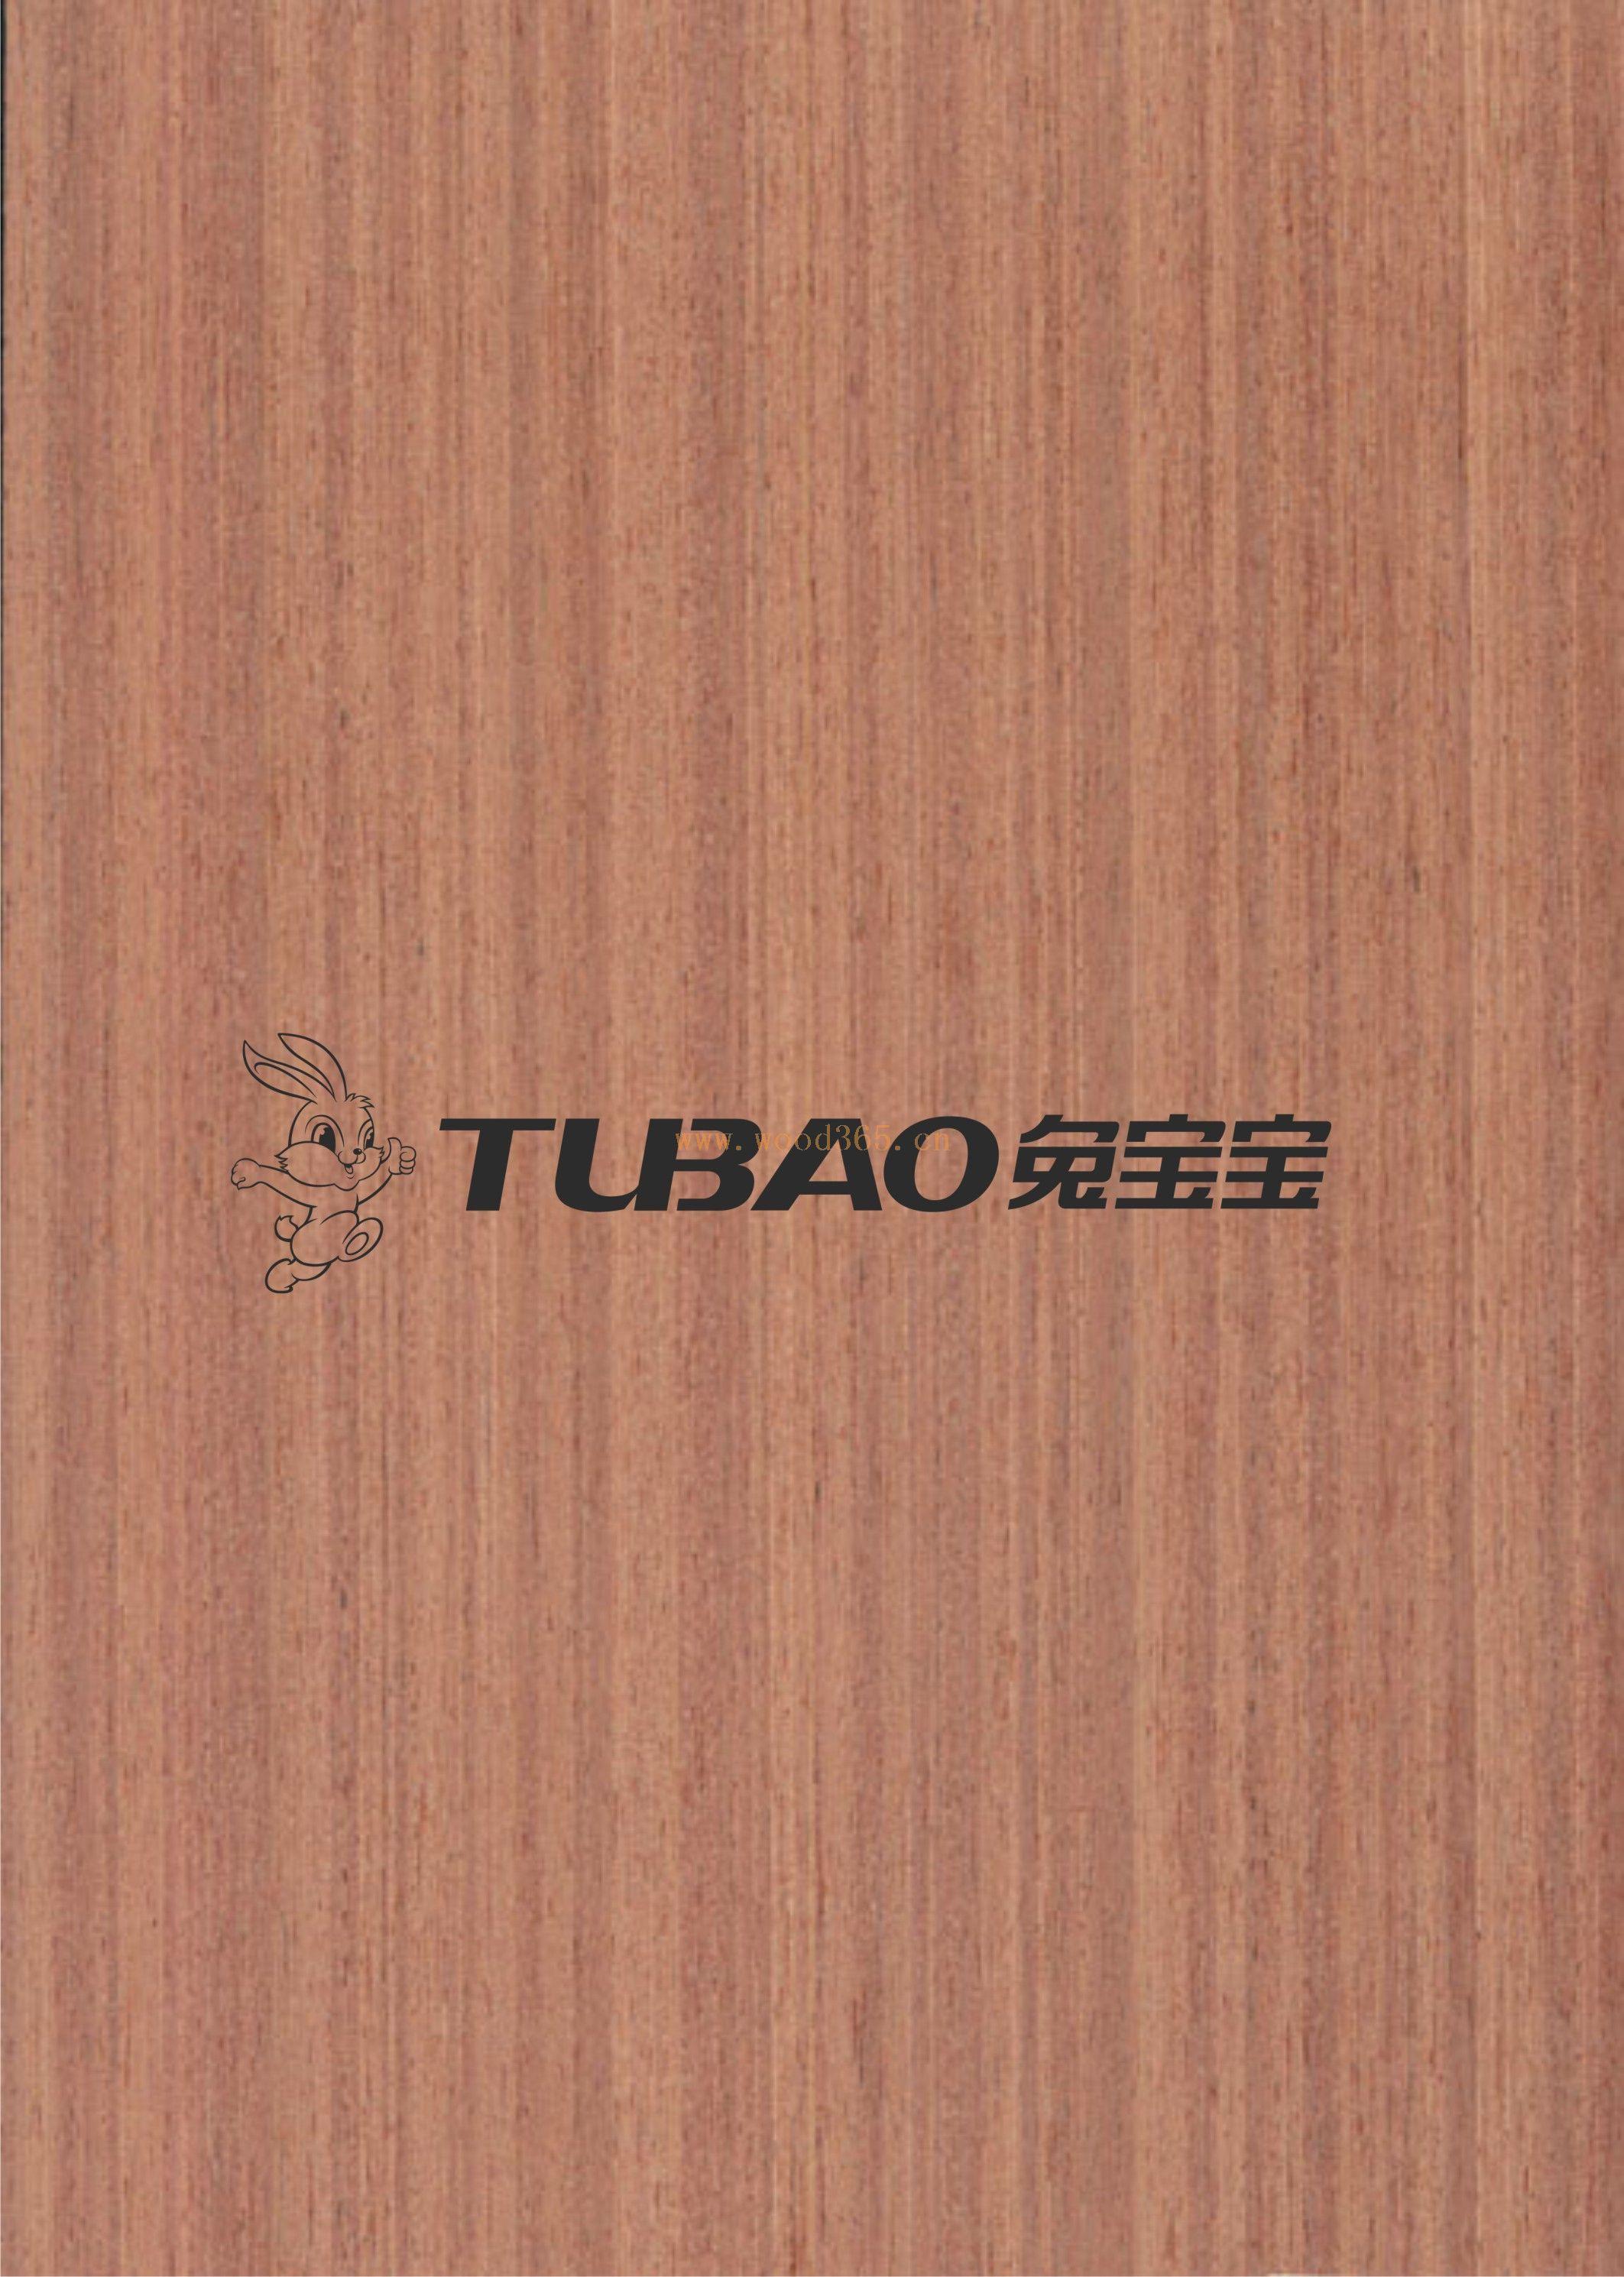 木皮的广泛应用        木皮有着优美的纹理,缤纷的色彩,以及树木